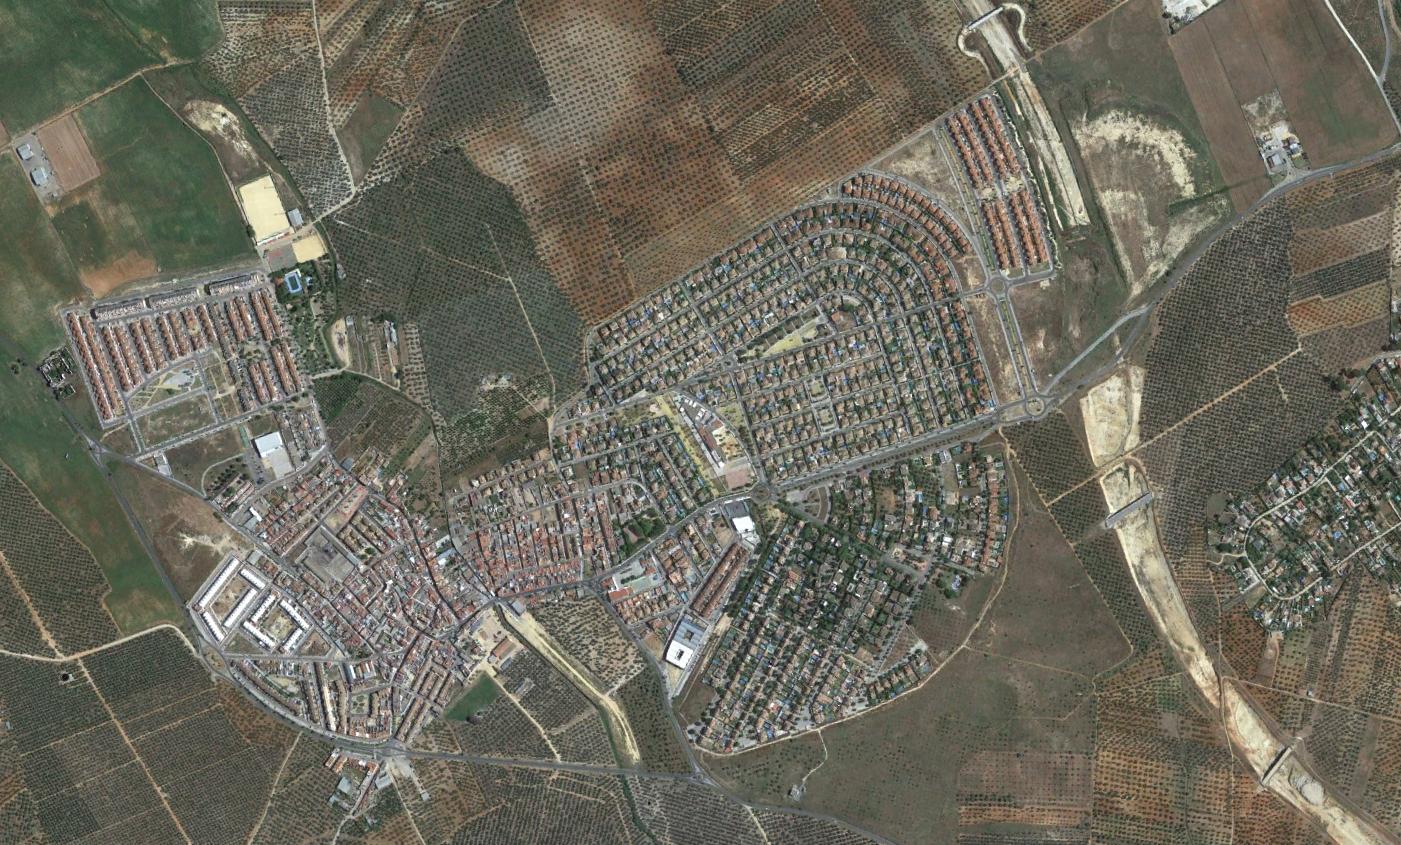 almensilla, sevilla, to the hombres, después, urbanismo, planeamiento, urbano, desastre, urbanístico, construcción, rotondas, carretera